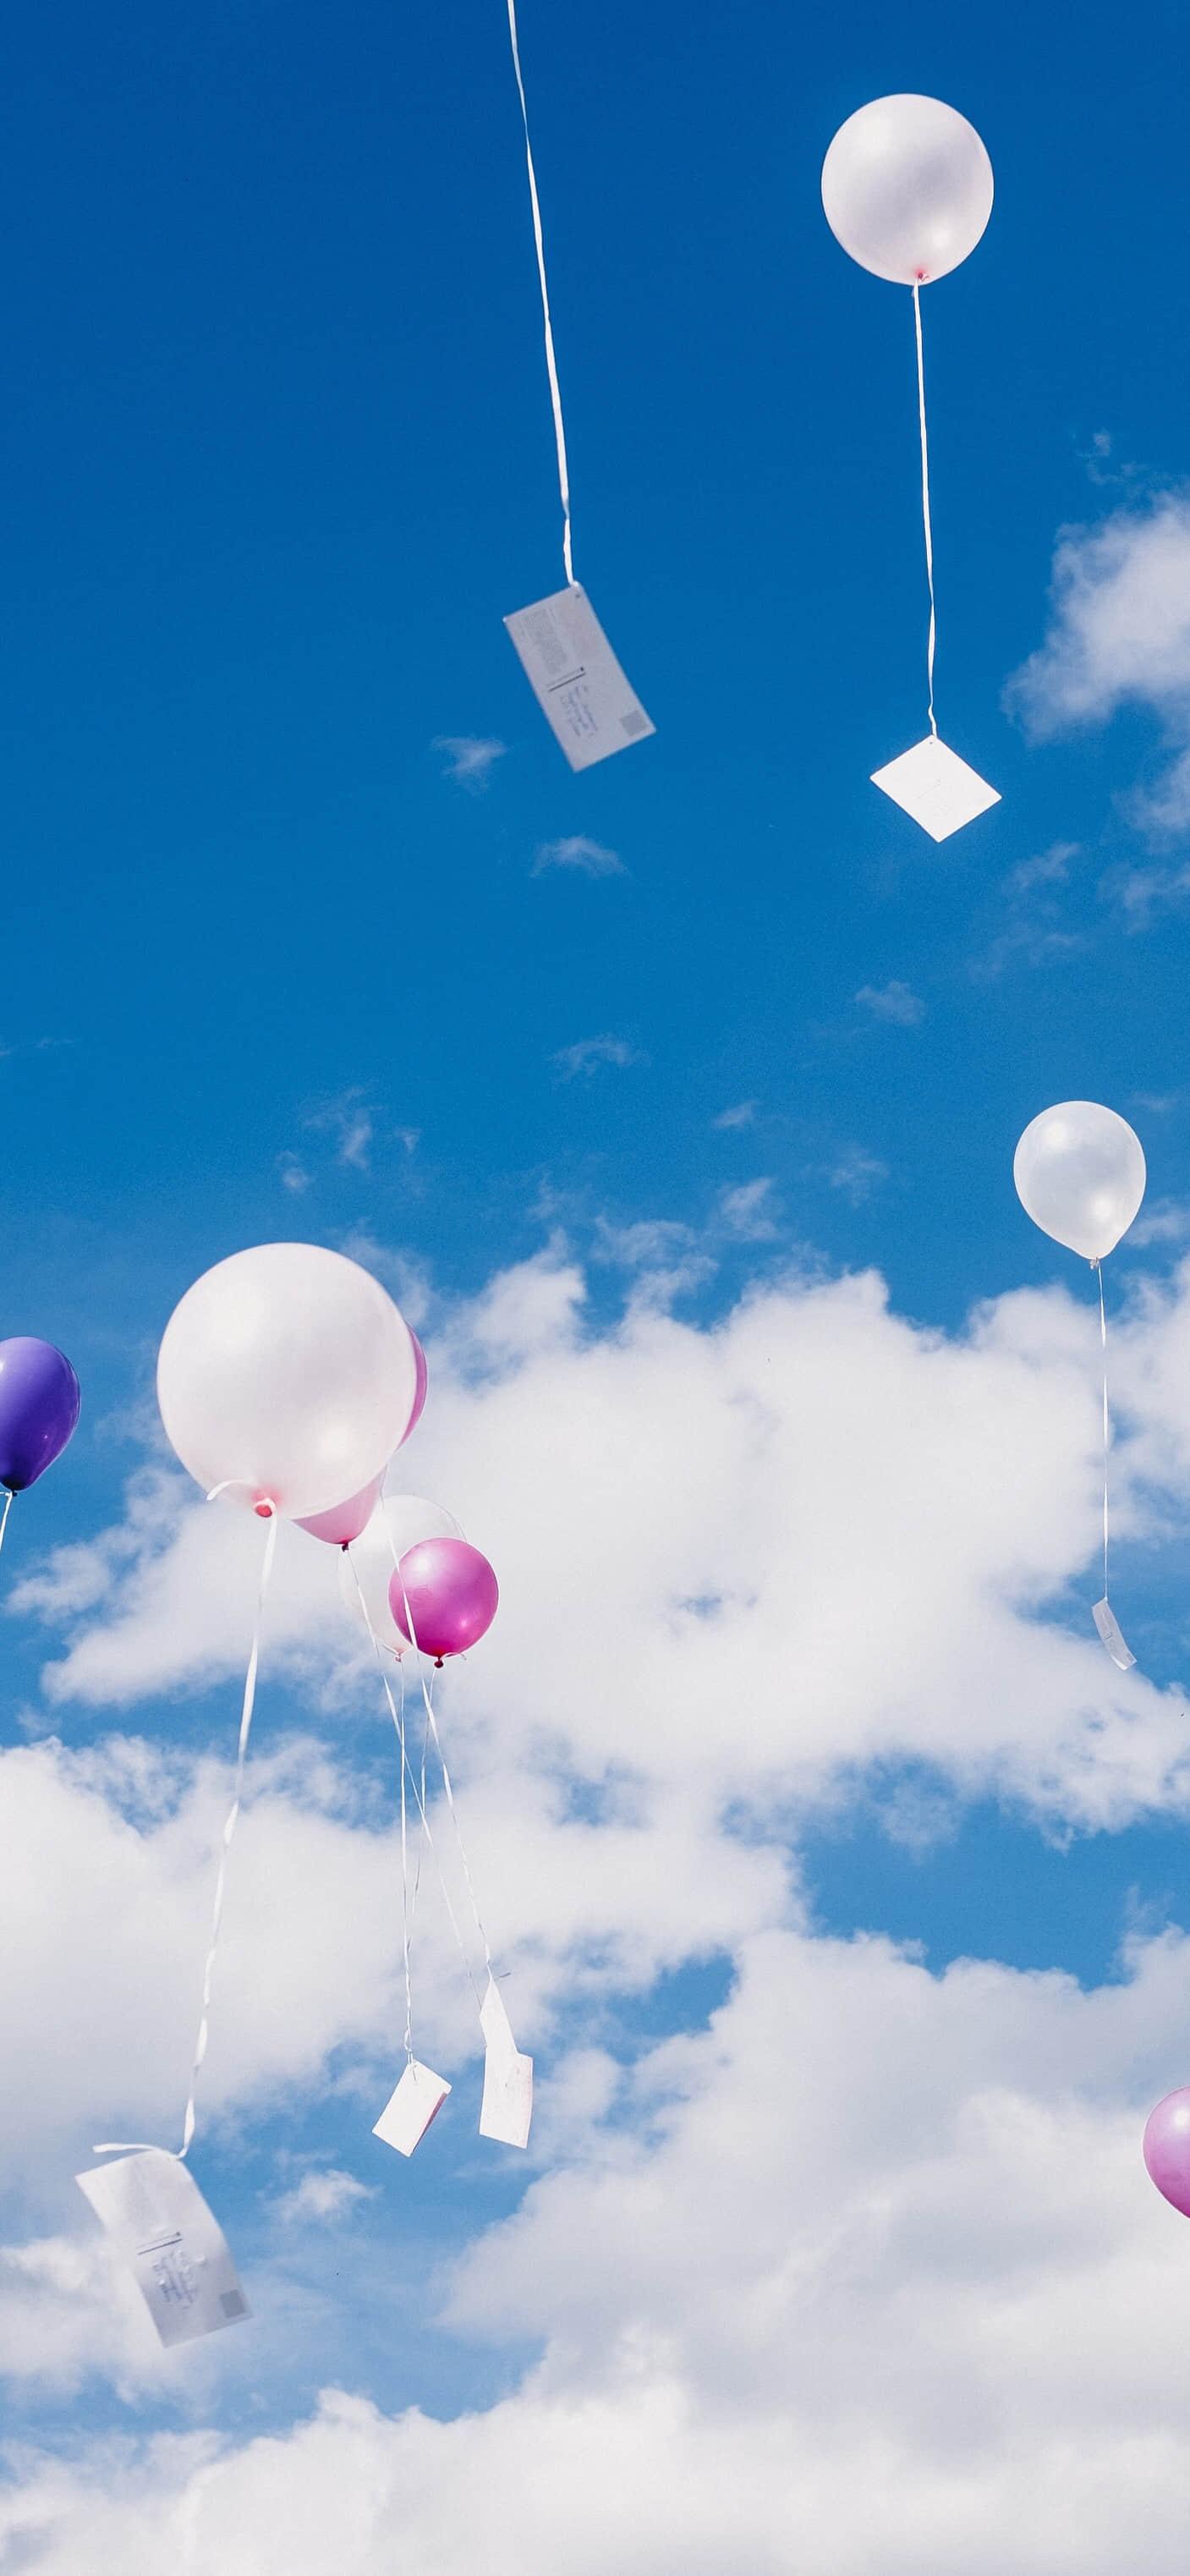 七彩气球缤纷多彩手机壁纸